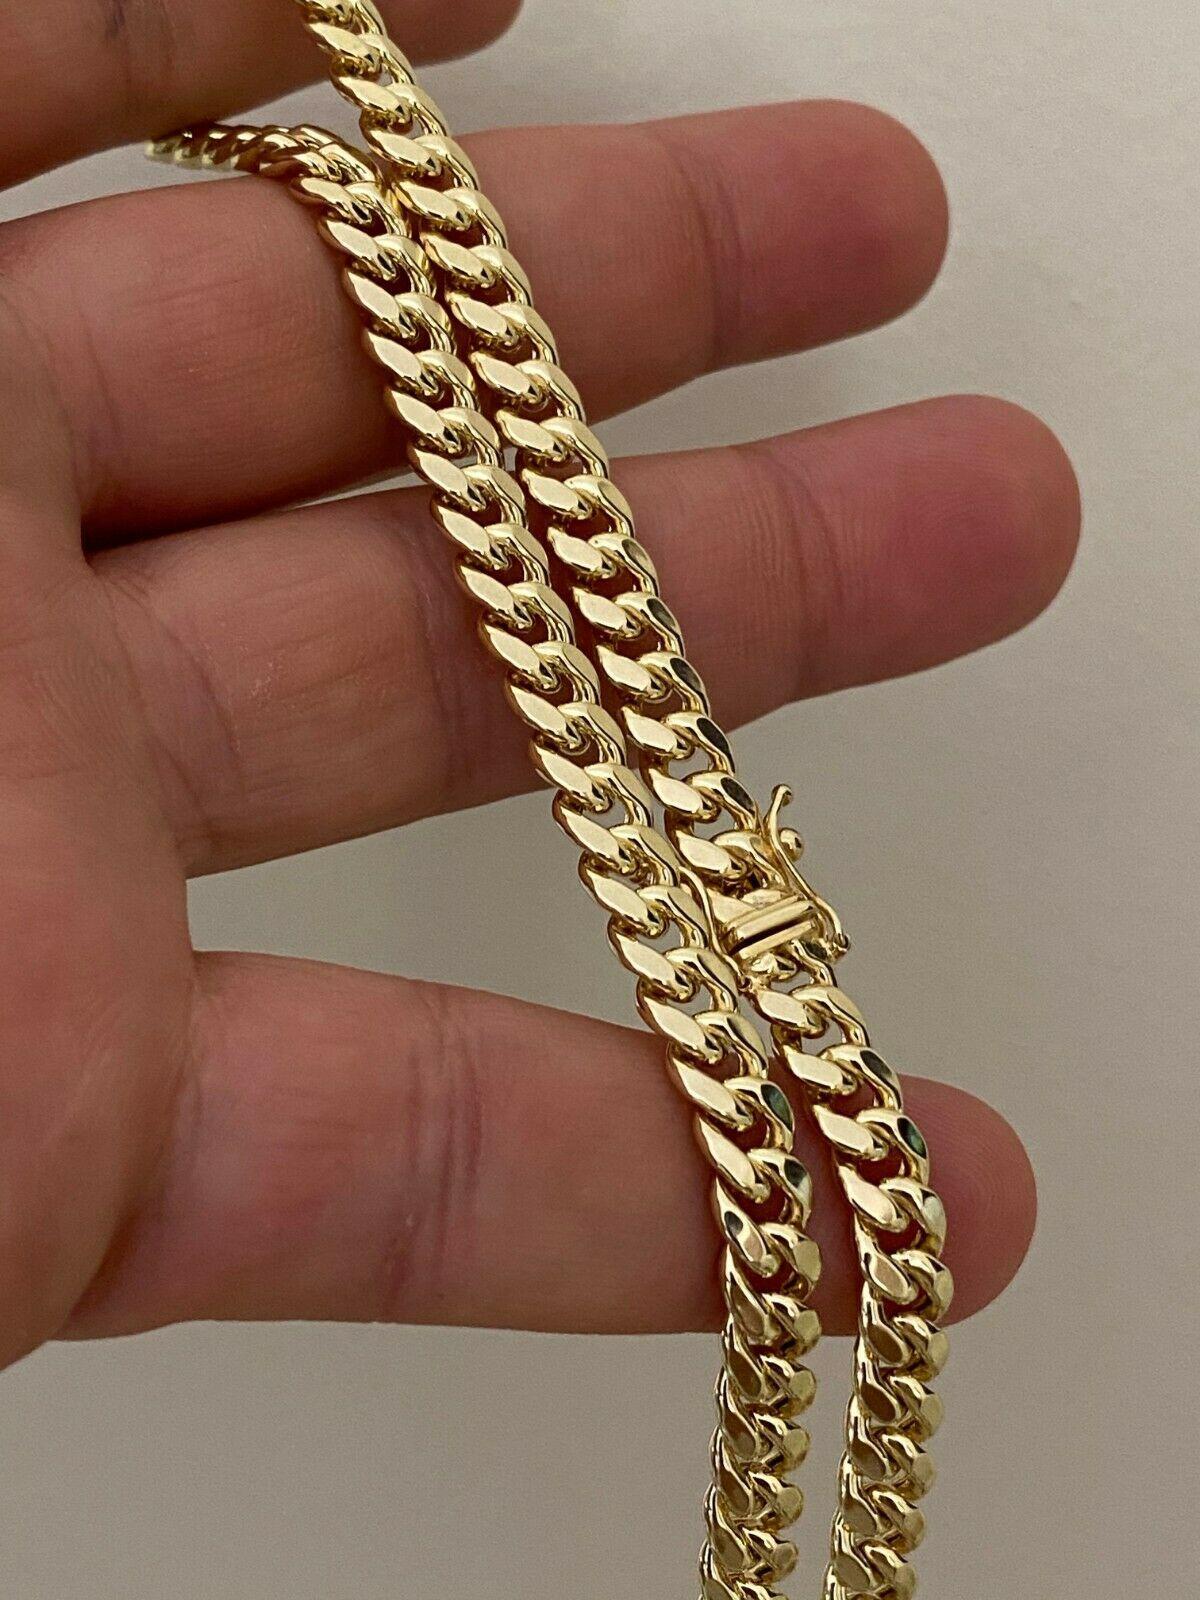 Real 10k amarelo banhado a ouro Mens Miami cubana Chain Link Colar de 6mm de espessura caixa do fechamento